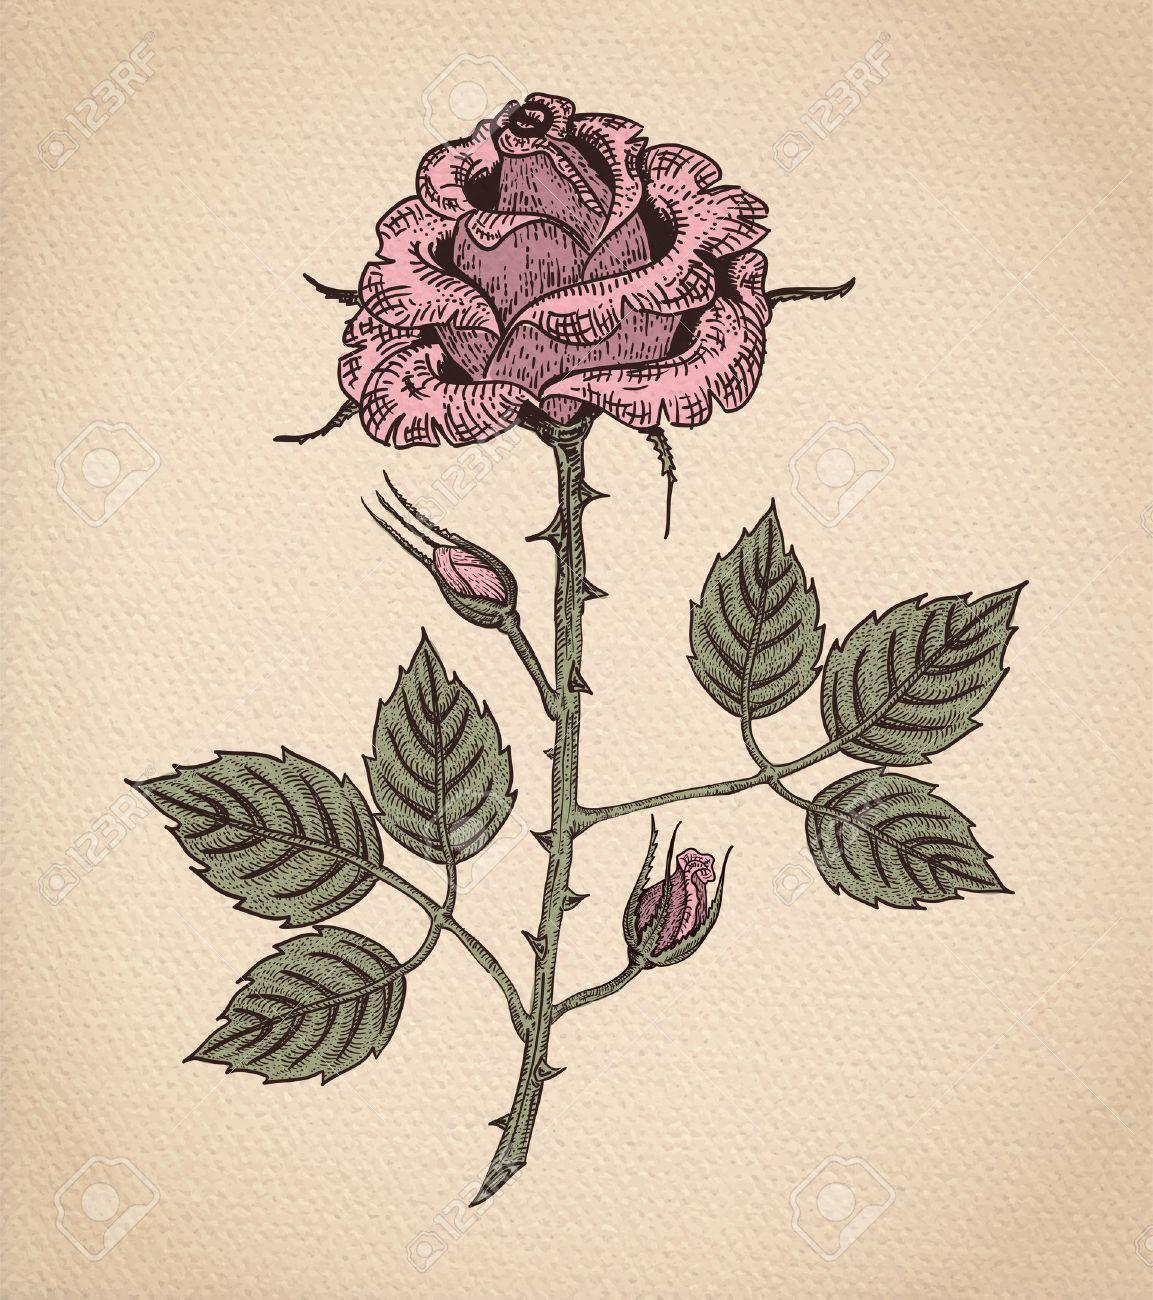 Fleur Rose Le Style Gravure Dessin Vectoriel En Couleurs Sur Papier